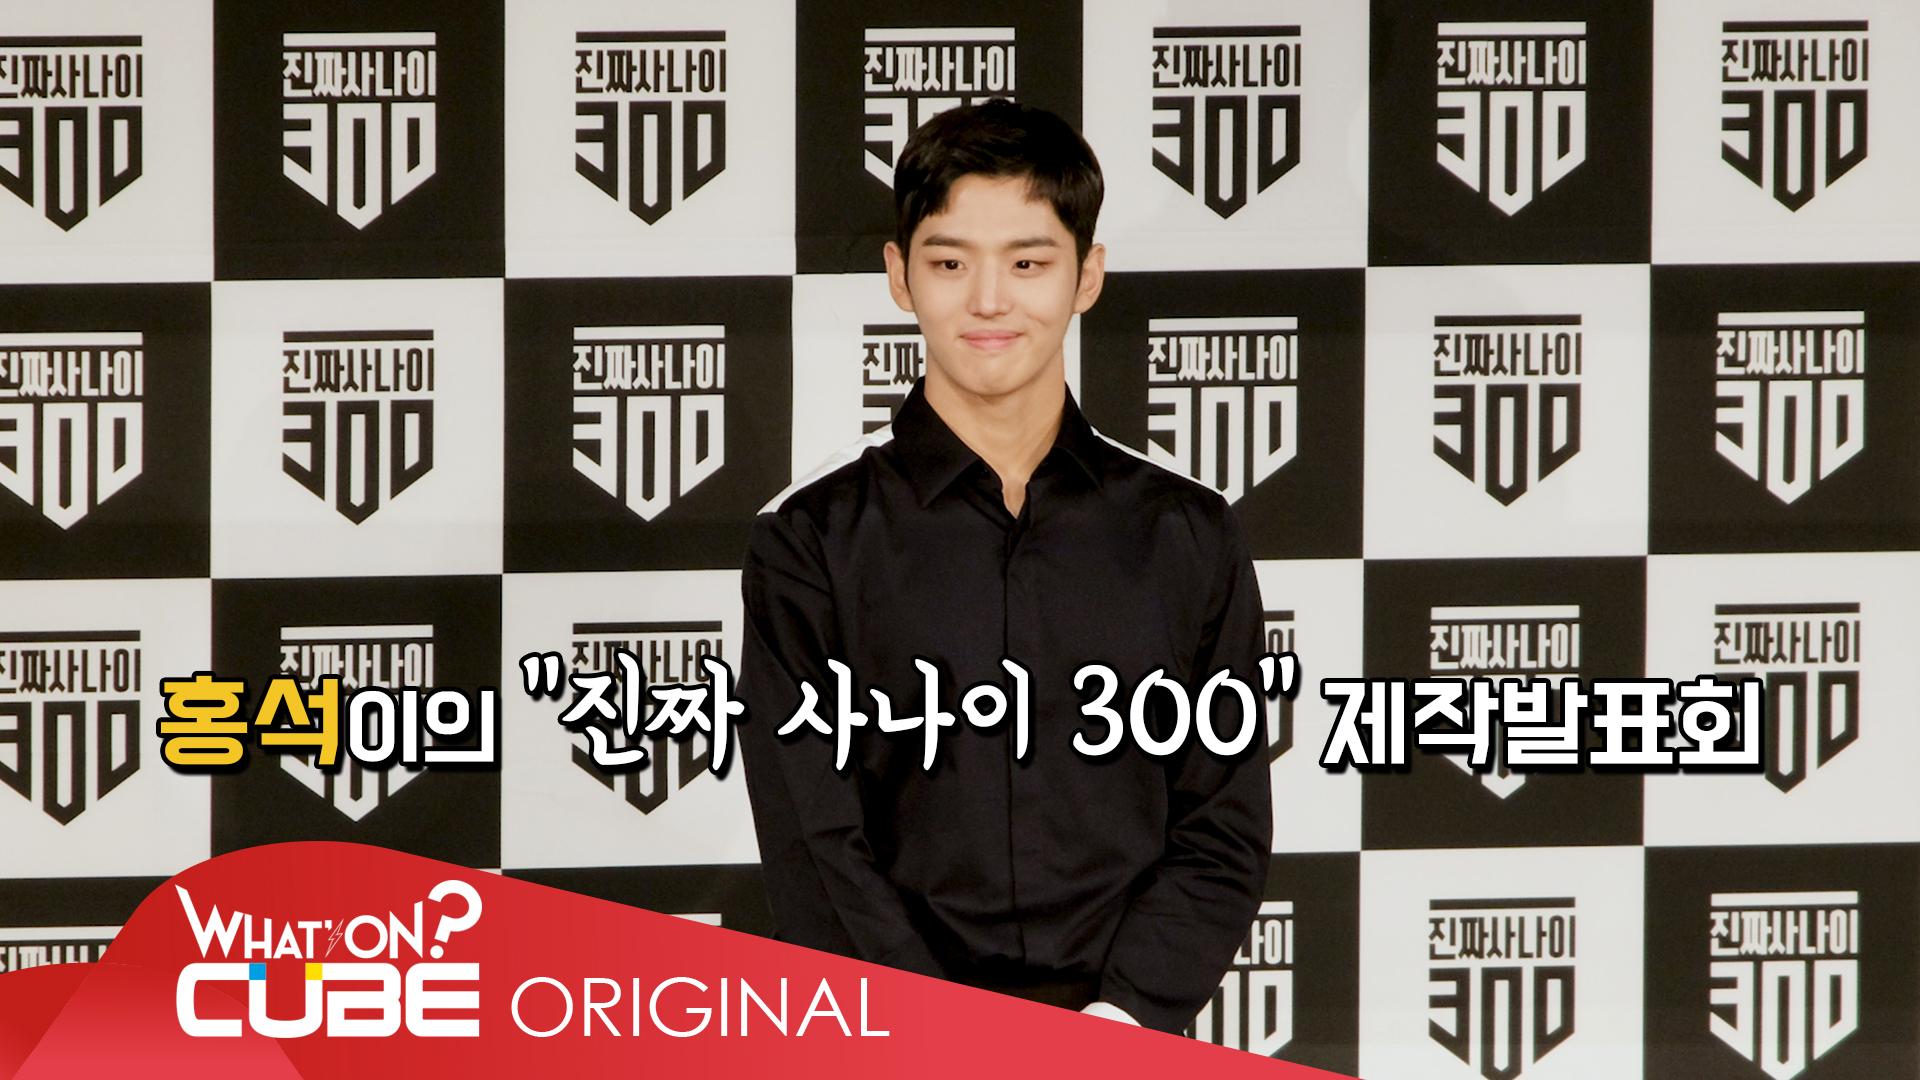 펜타곤 - 펜토리 #62 (홍석의 '진짜 사나이 300' 제작발표회 비하인드)